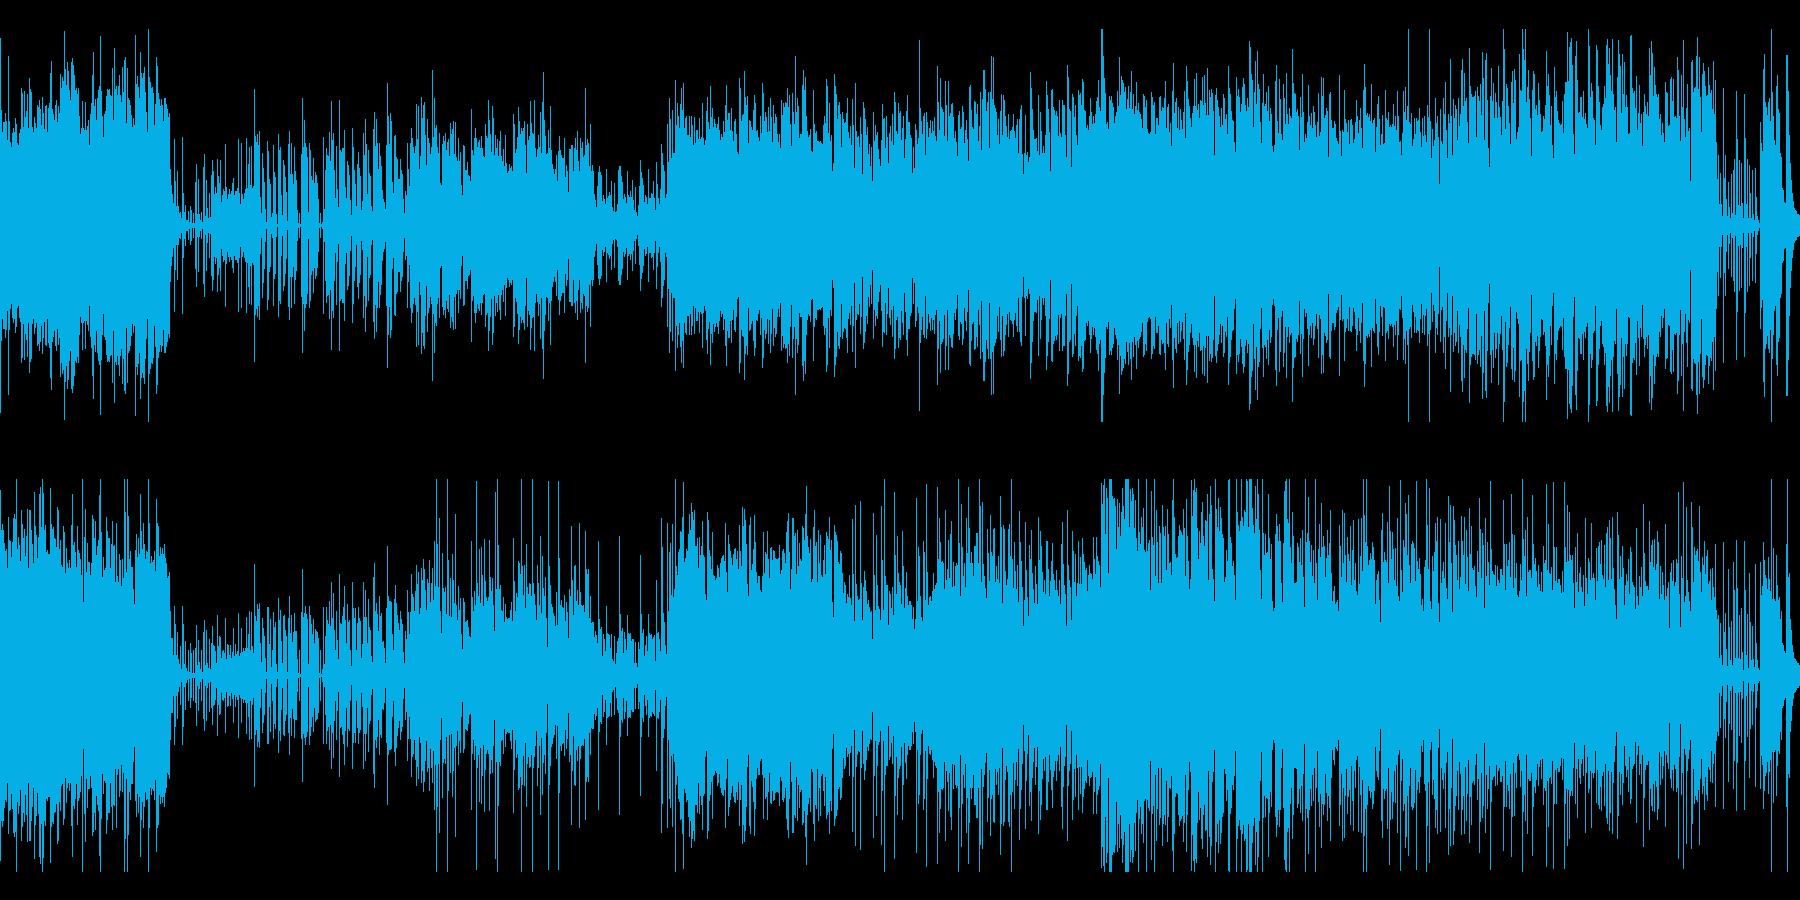 南国の夏!楽しくポップ!(Loop仕様)の再生済みの波形